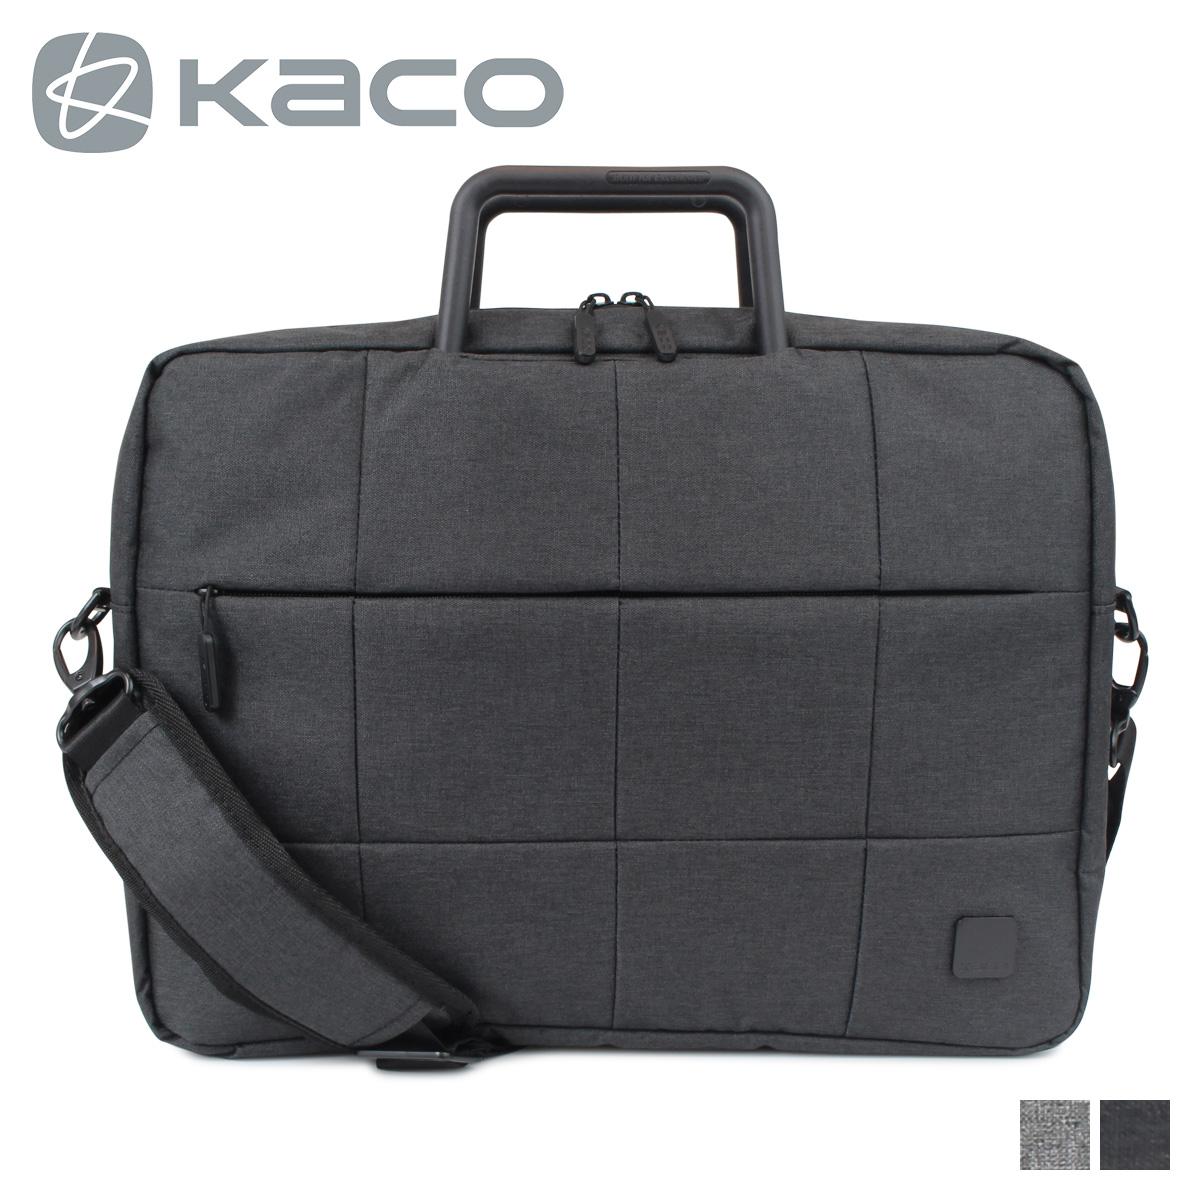 KACO ALIO BUSINESS BAG カコ バッグ ビジネスバッグ ブリーフケース ショルダー メンズ ブラック グレー 黒 K1211